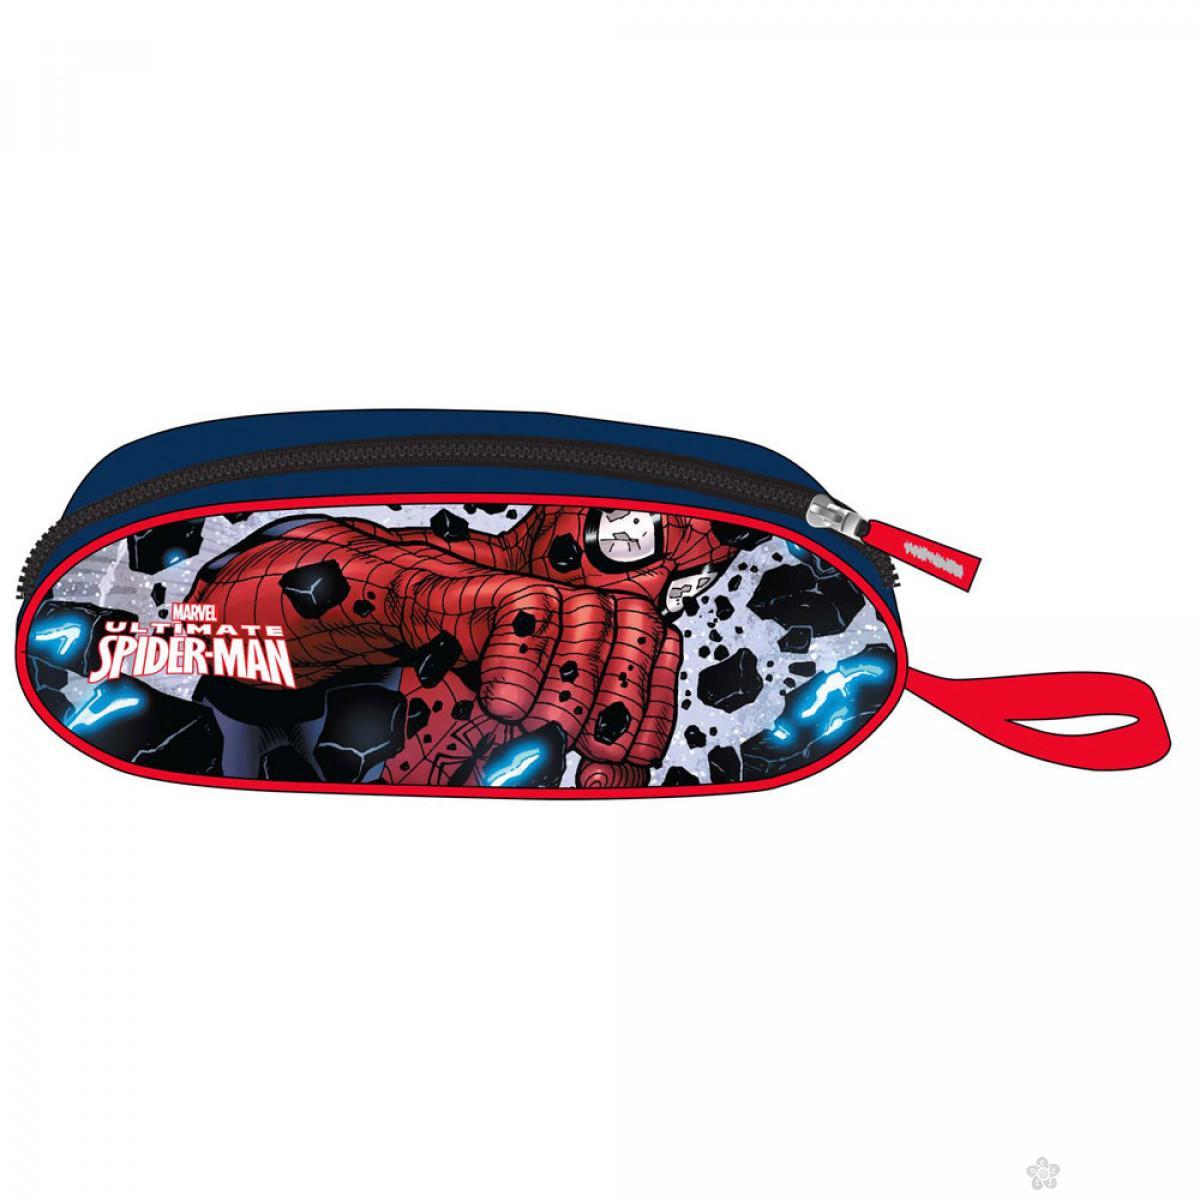 Ovalna pernica Spiderman 21513